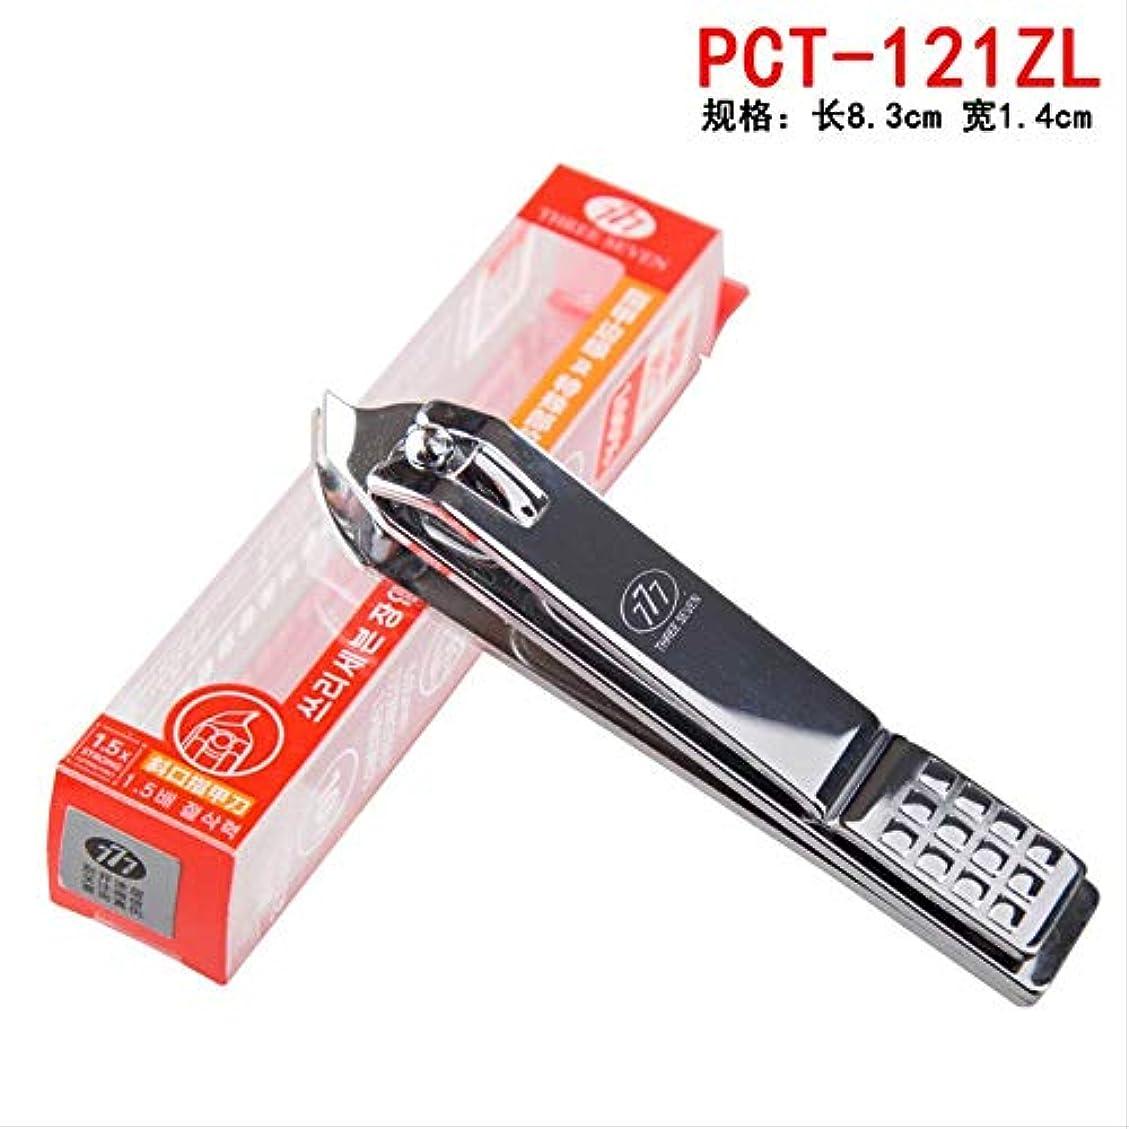 機構安定した好き韓国777爪切りはさみ元平口斜め爪切り小さな爪切り大本物 PCT-121ZLギフトボックス